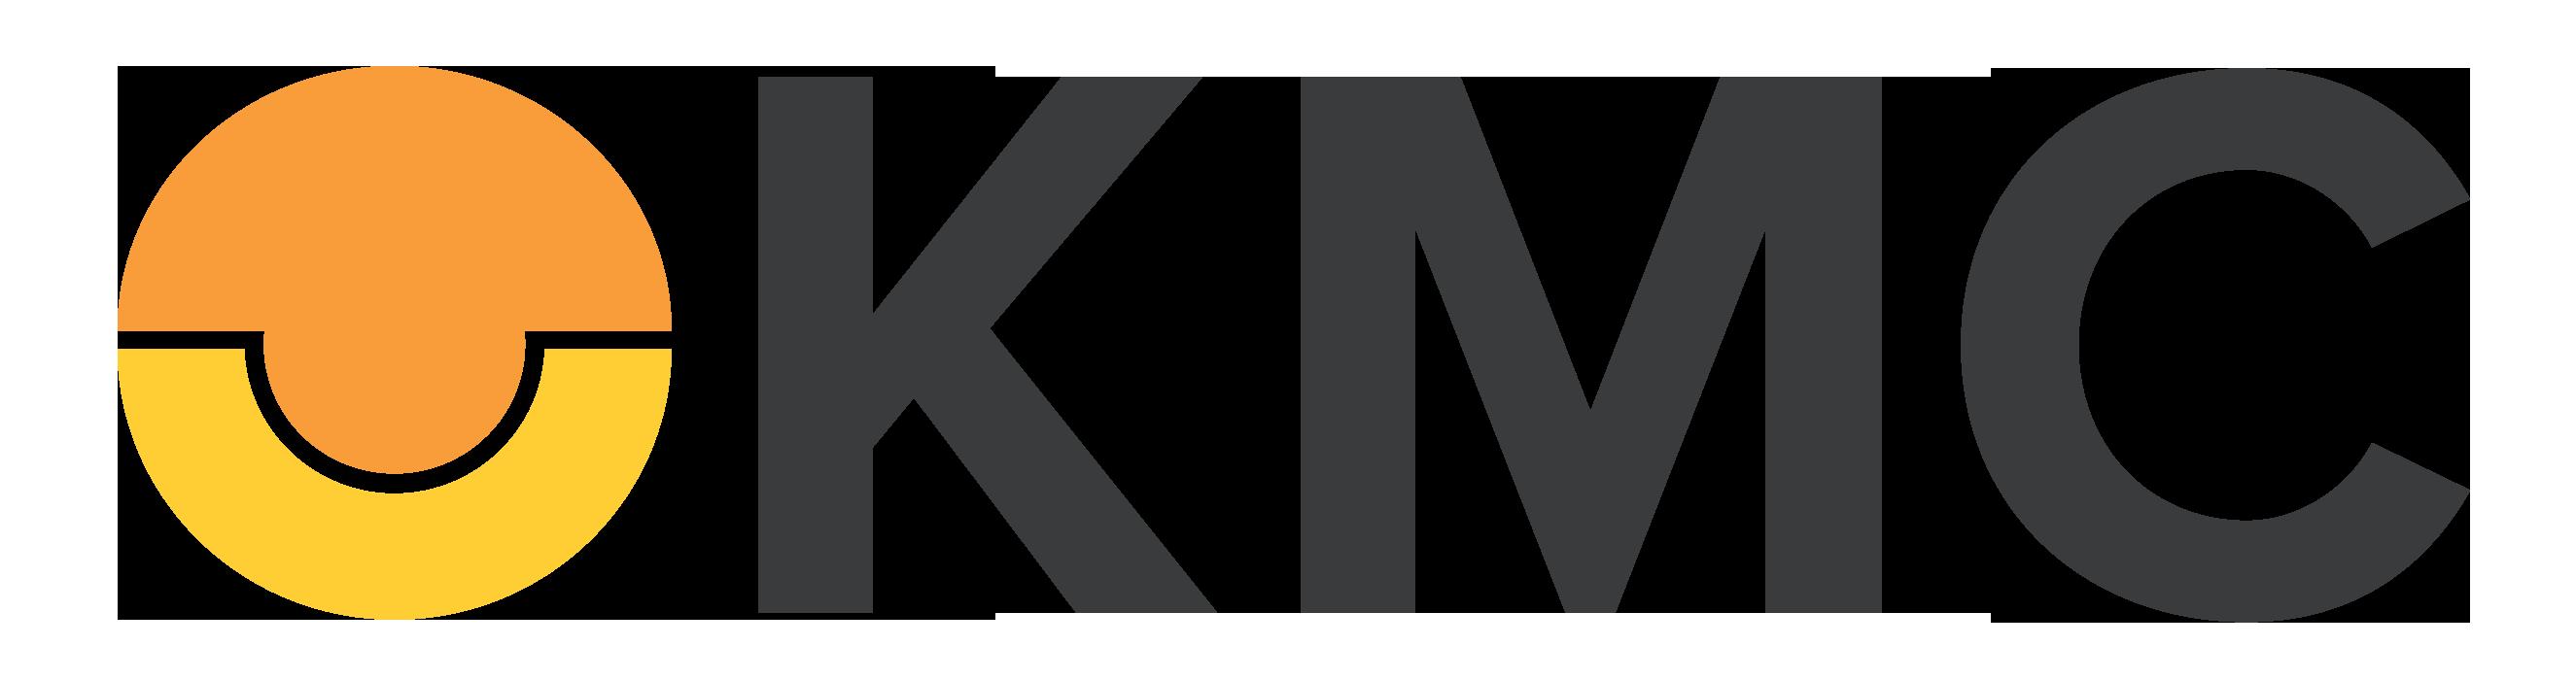 KMC Black Font Logo